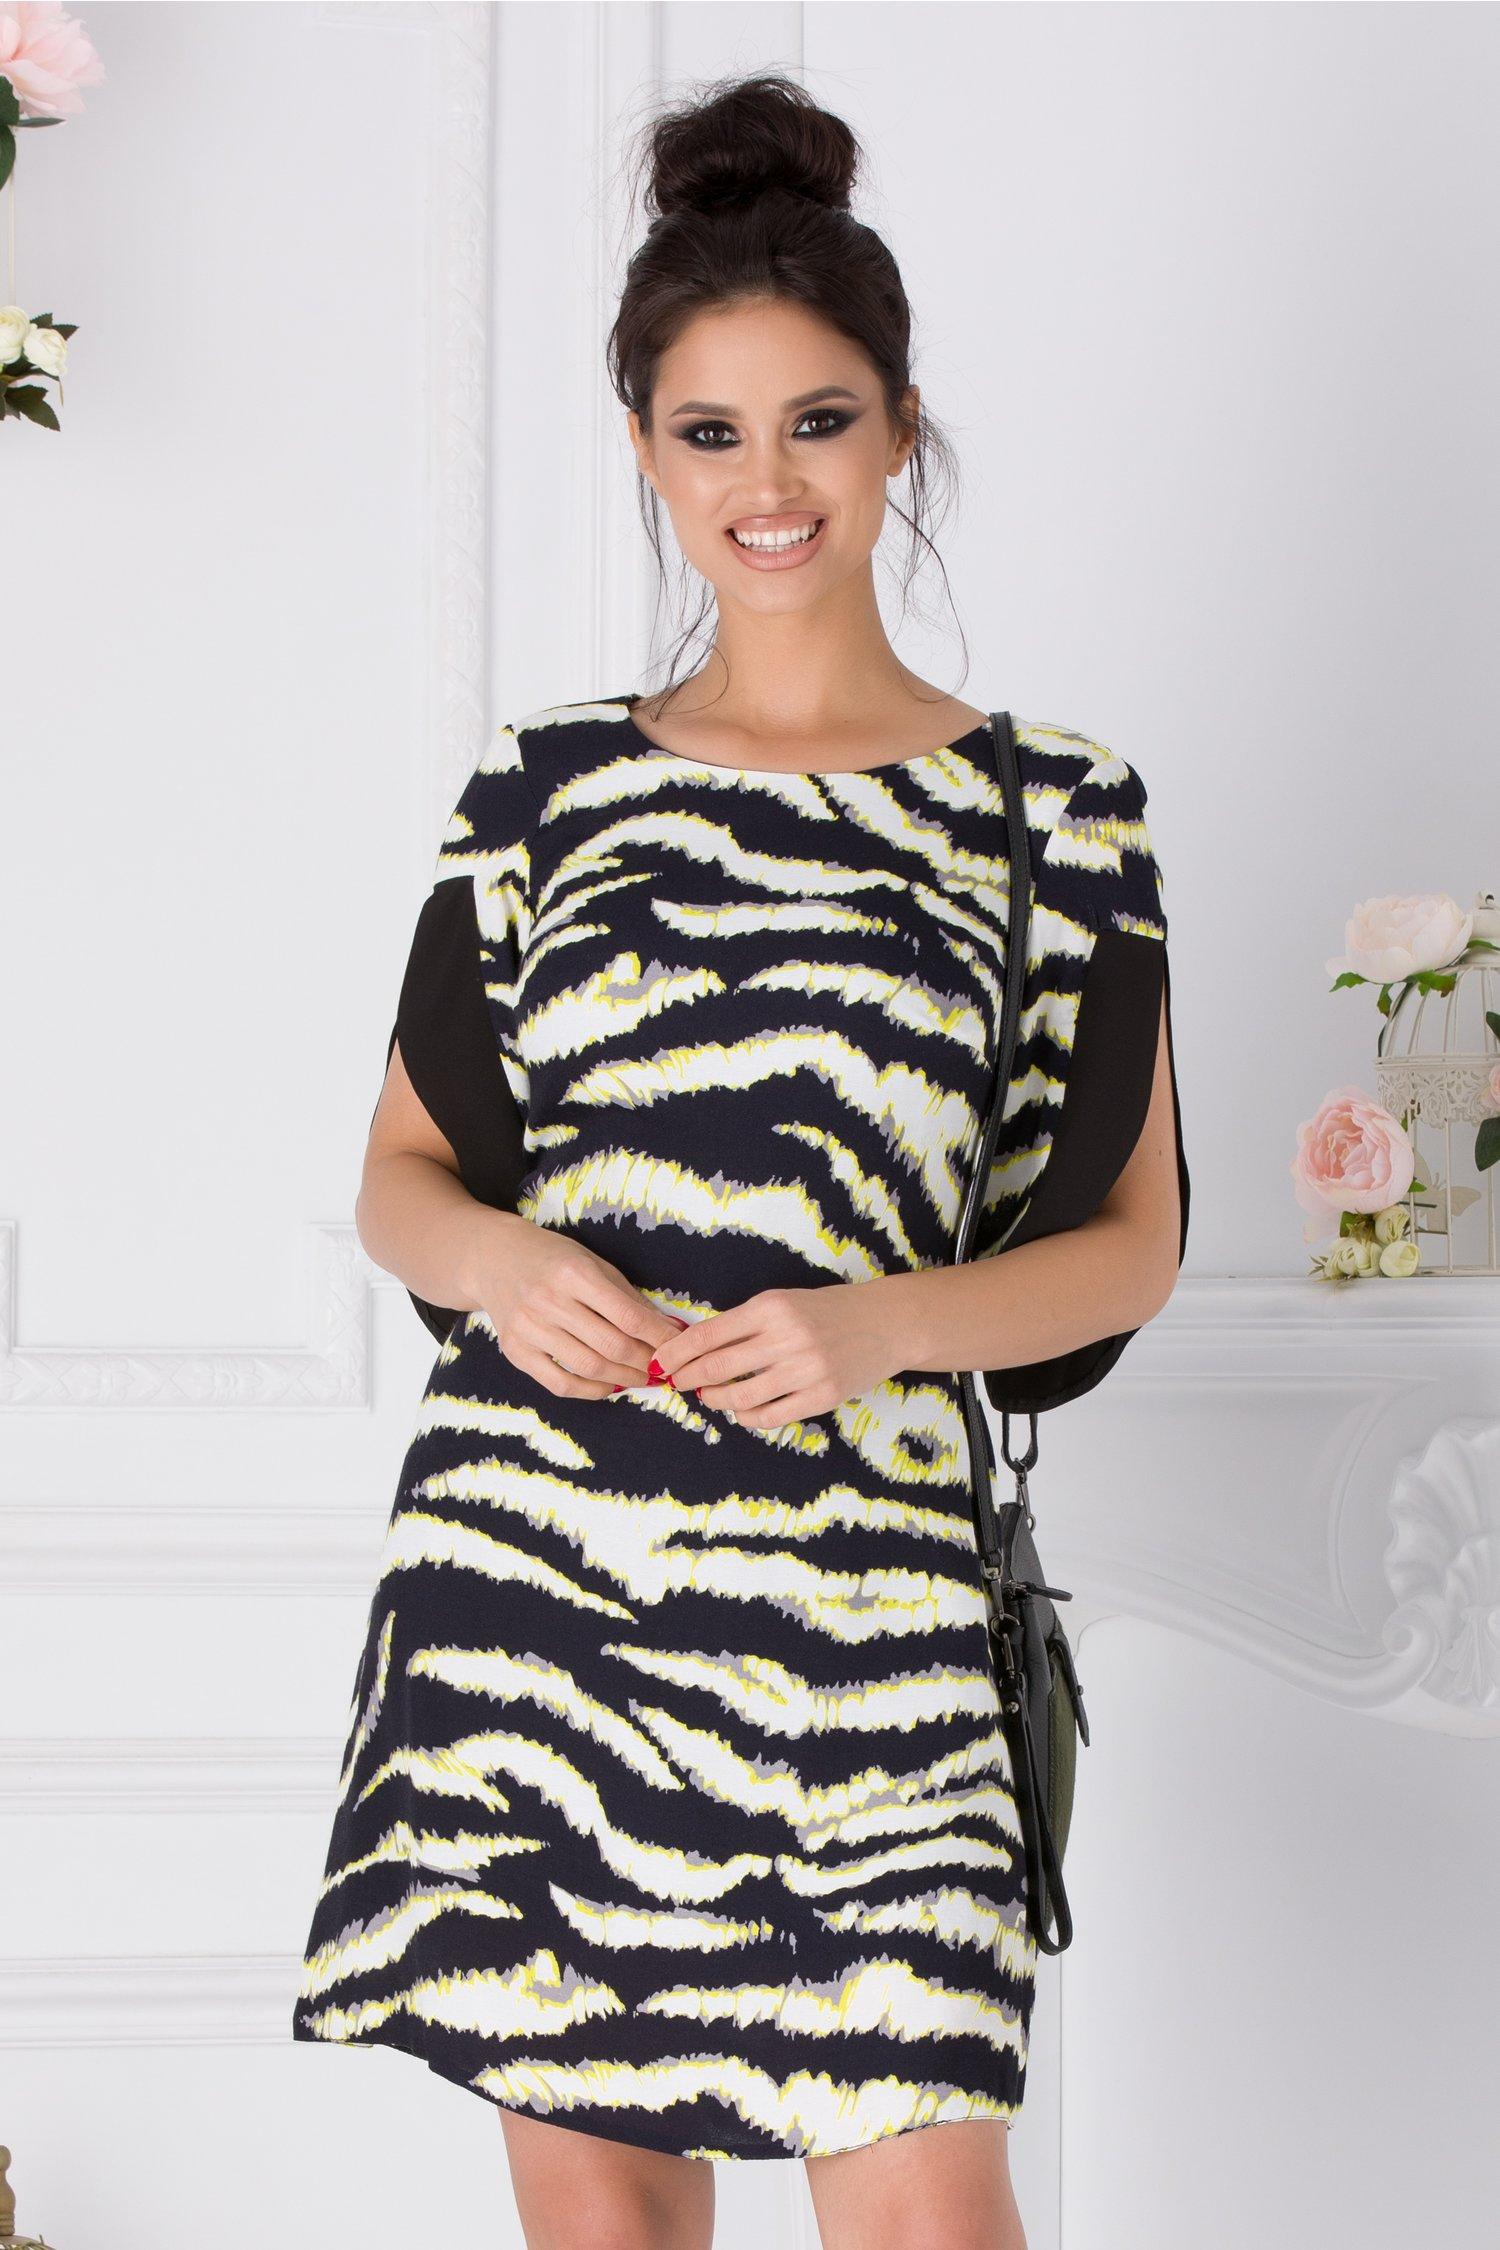 Rochie Moze neagra tip clopot cu imprimeu zebra